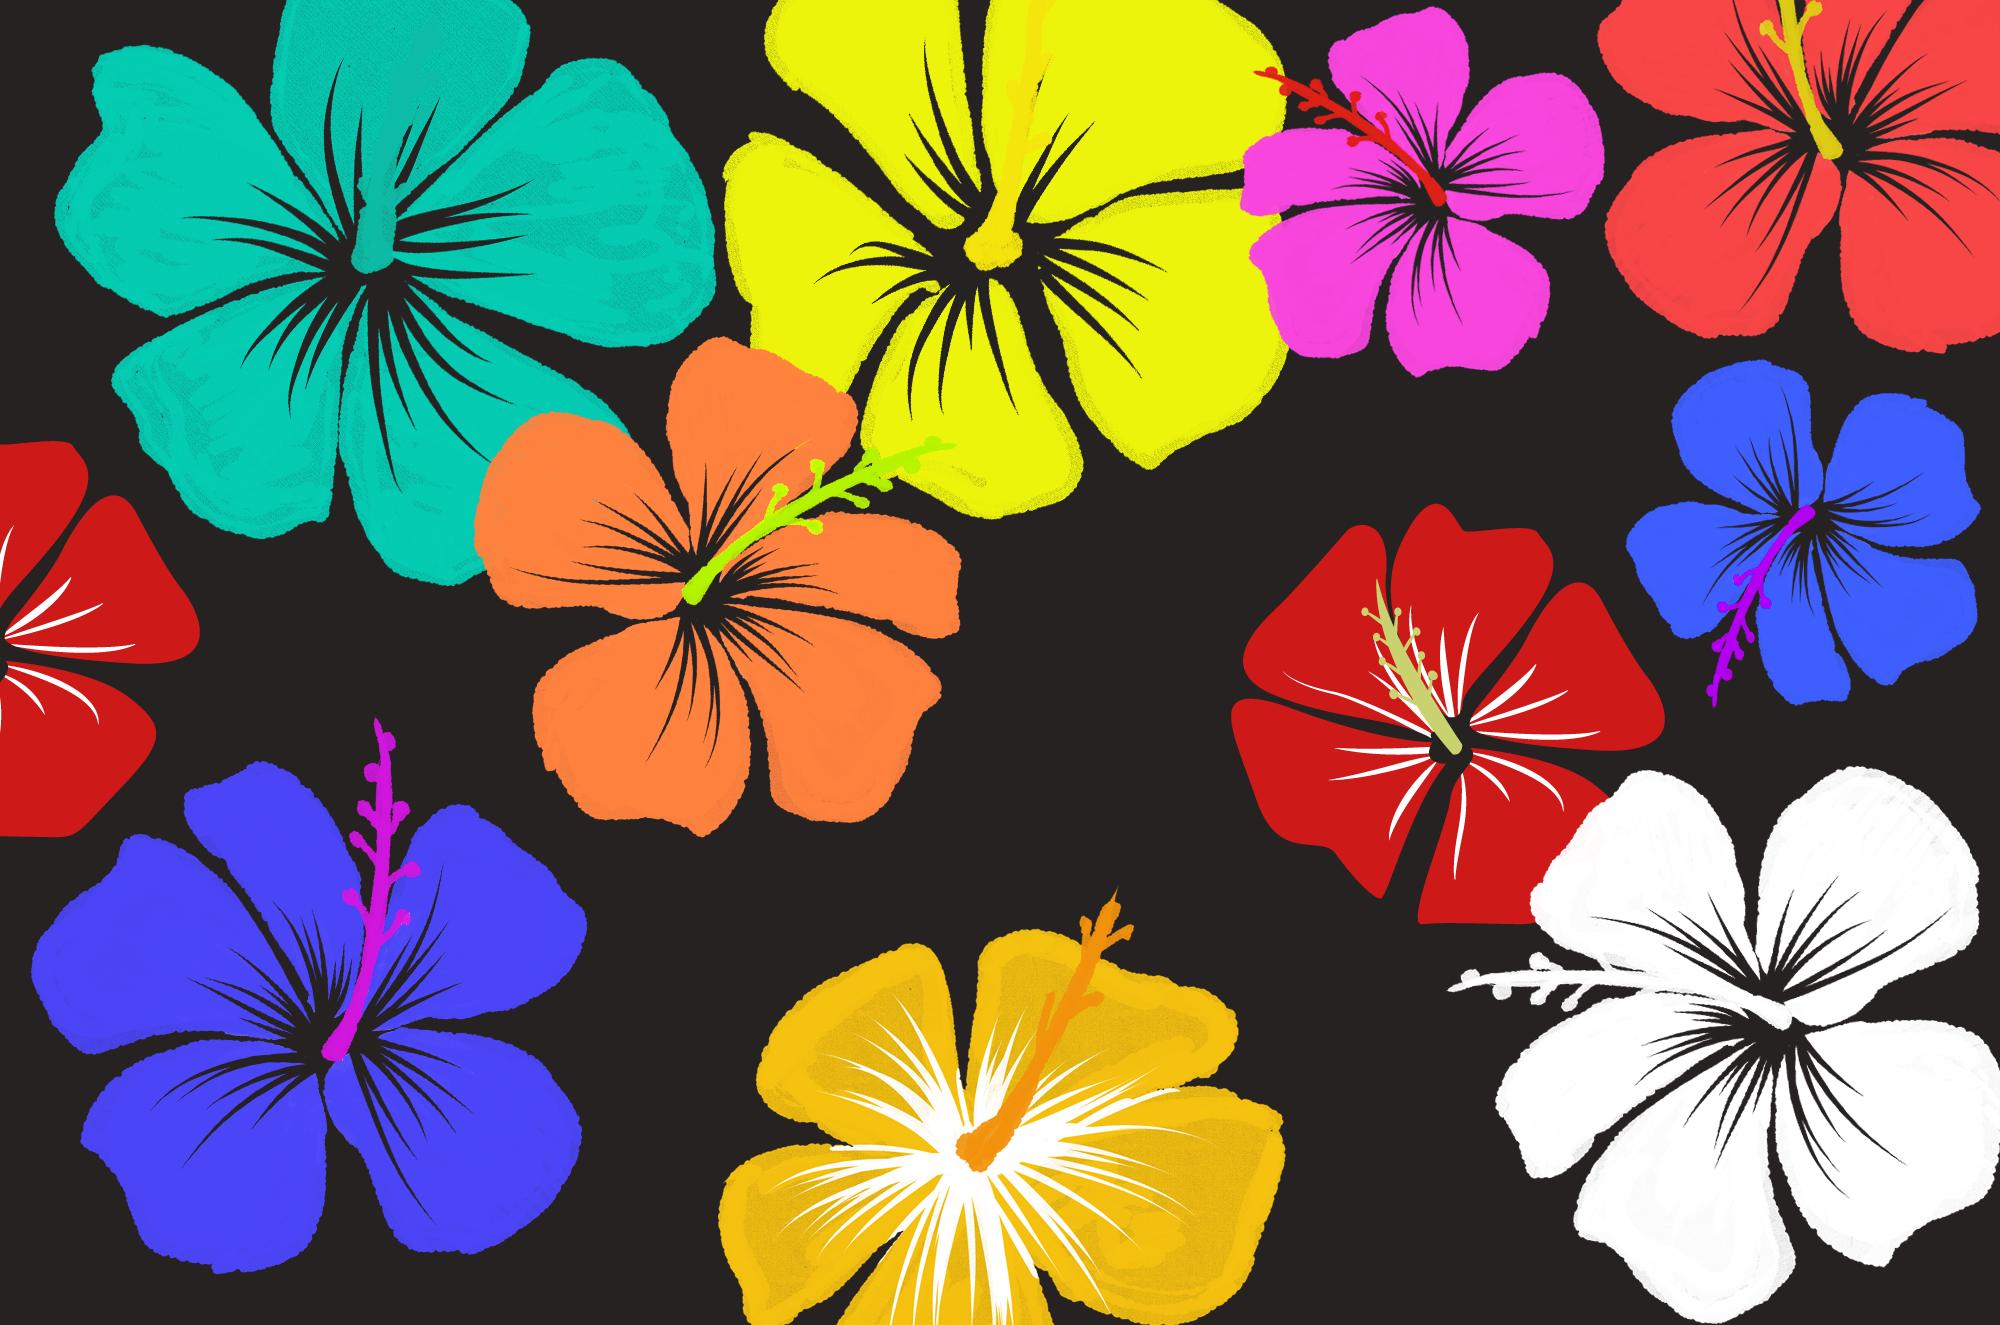 ハイビスカスイラスト 可愛い南国イメージの花画像素材 チコデザ 花 イラスト イラスト ハイビスカス